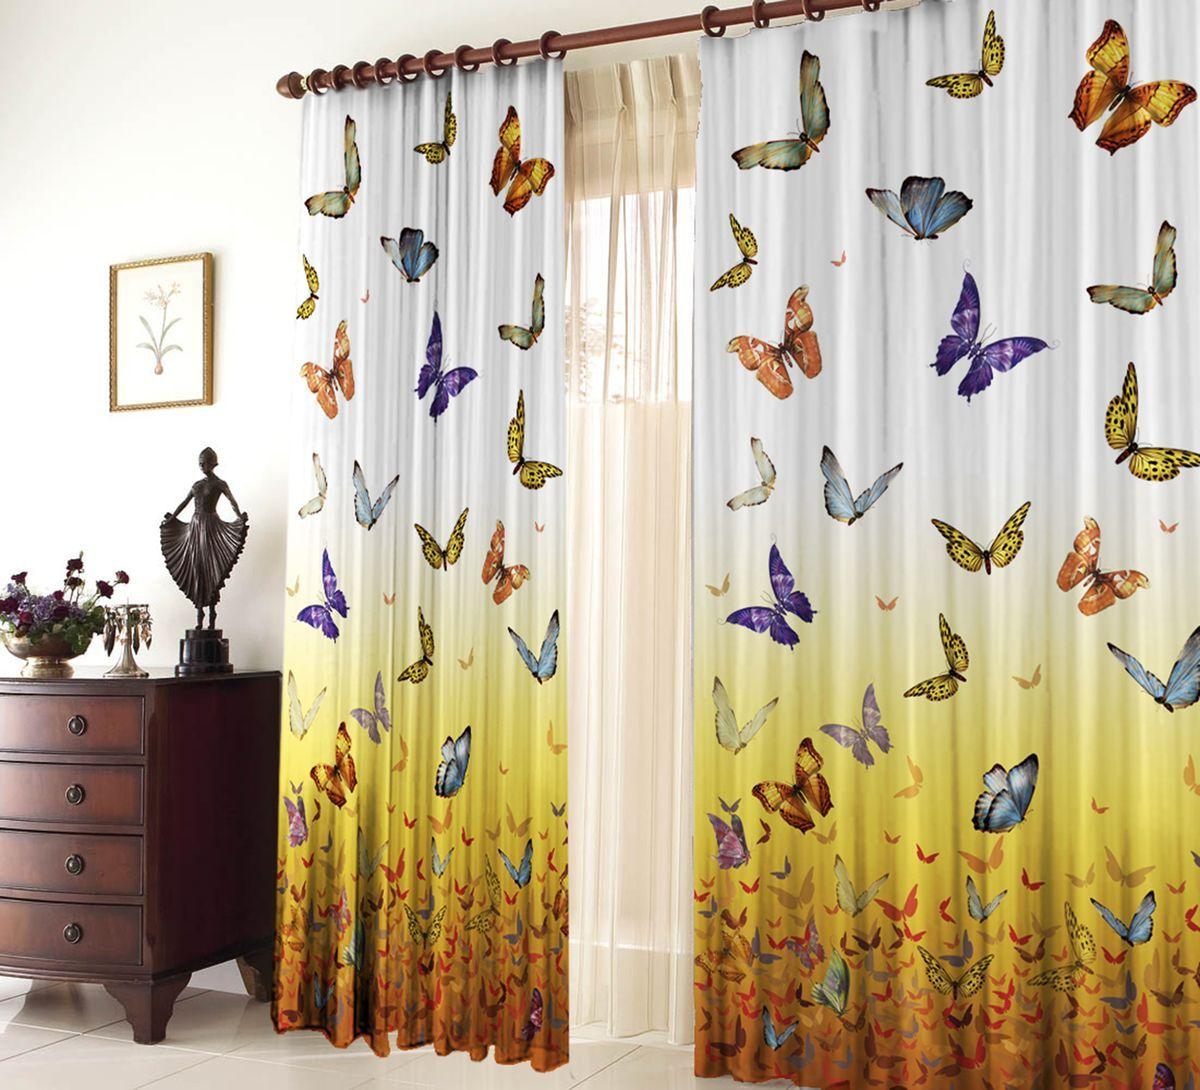 Комплект фотоштор Zlata Korunka Butterfly, на ленте, высота 270 см21334Комплект фотоштор Zlata Korunka изготовлен из габардиновой ткани высочайшего качества. Фотошторы способны не пропускать самый яркий свет, их можно гладить и стирать. Рекомендации по уходу: бережная стирка при 30°С, деликатный отжим, отбеливание запрещено, гладить при температуре не более 150°С. Светопоглощение 70%. Плотность ткани: 150 г/м2. Оттенок изделия может отличаться от представленного на сайте в силу особенностей цветопередачи фототехники и вашего монитора.